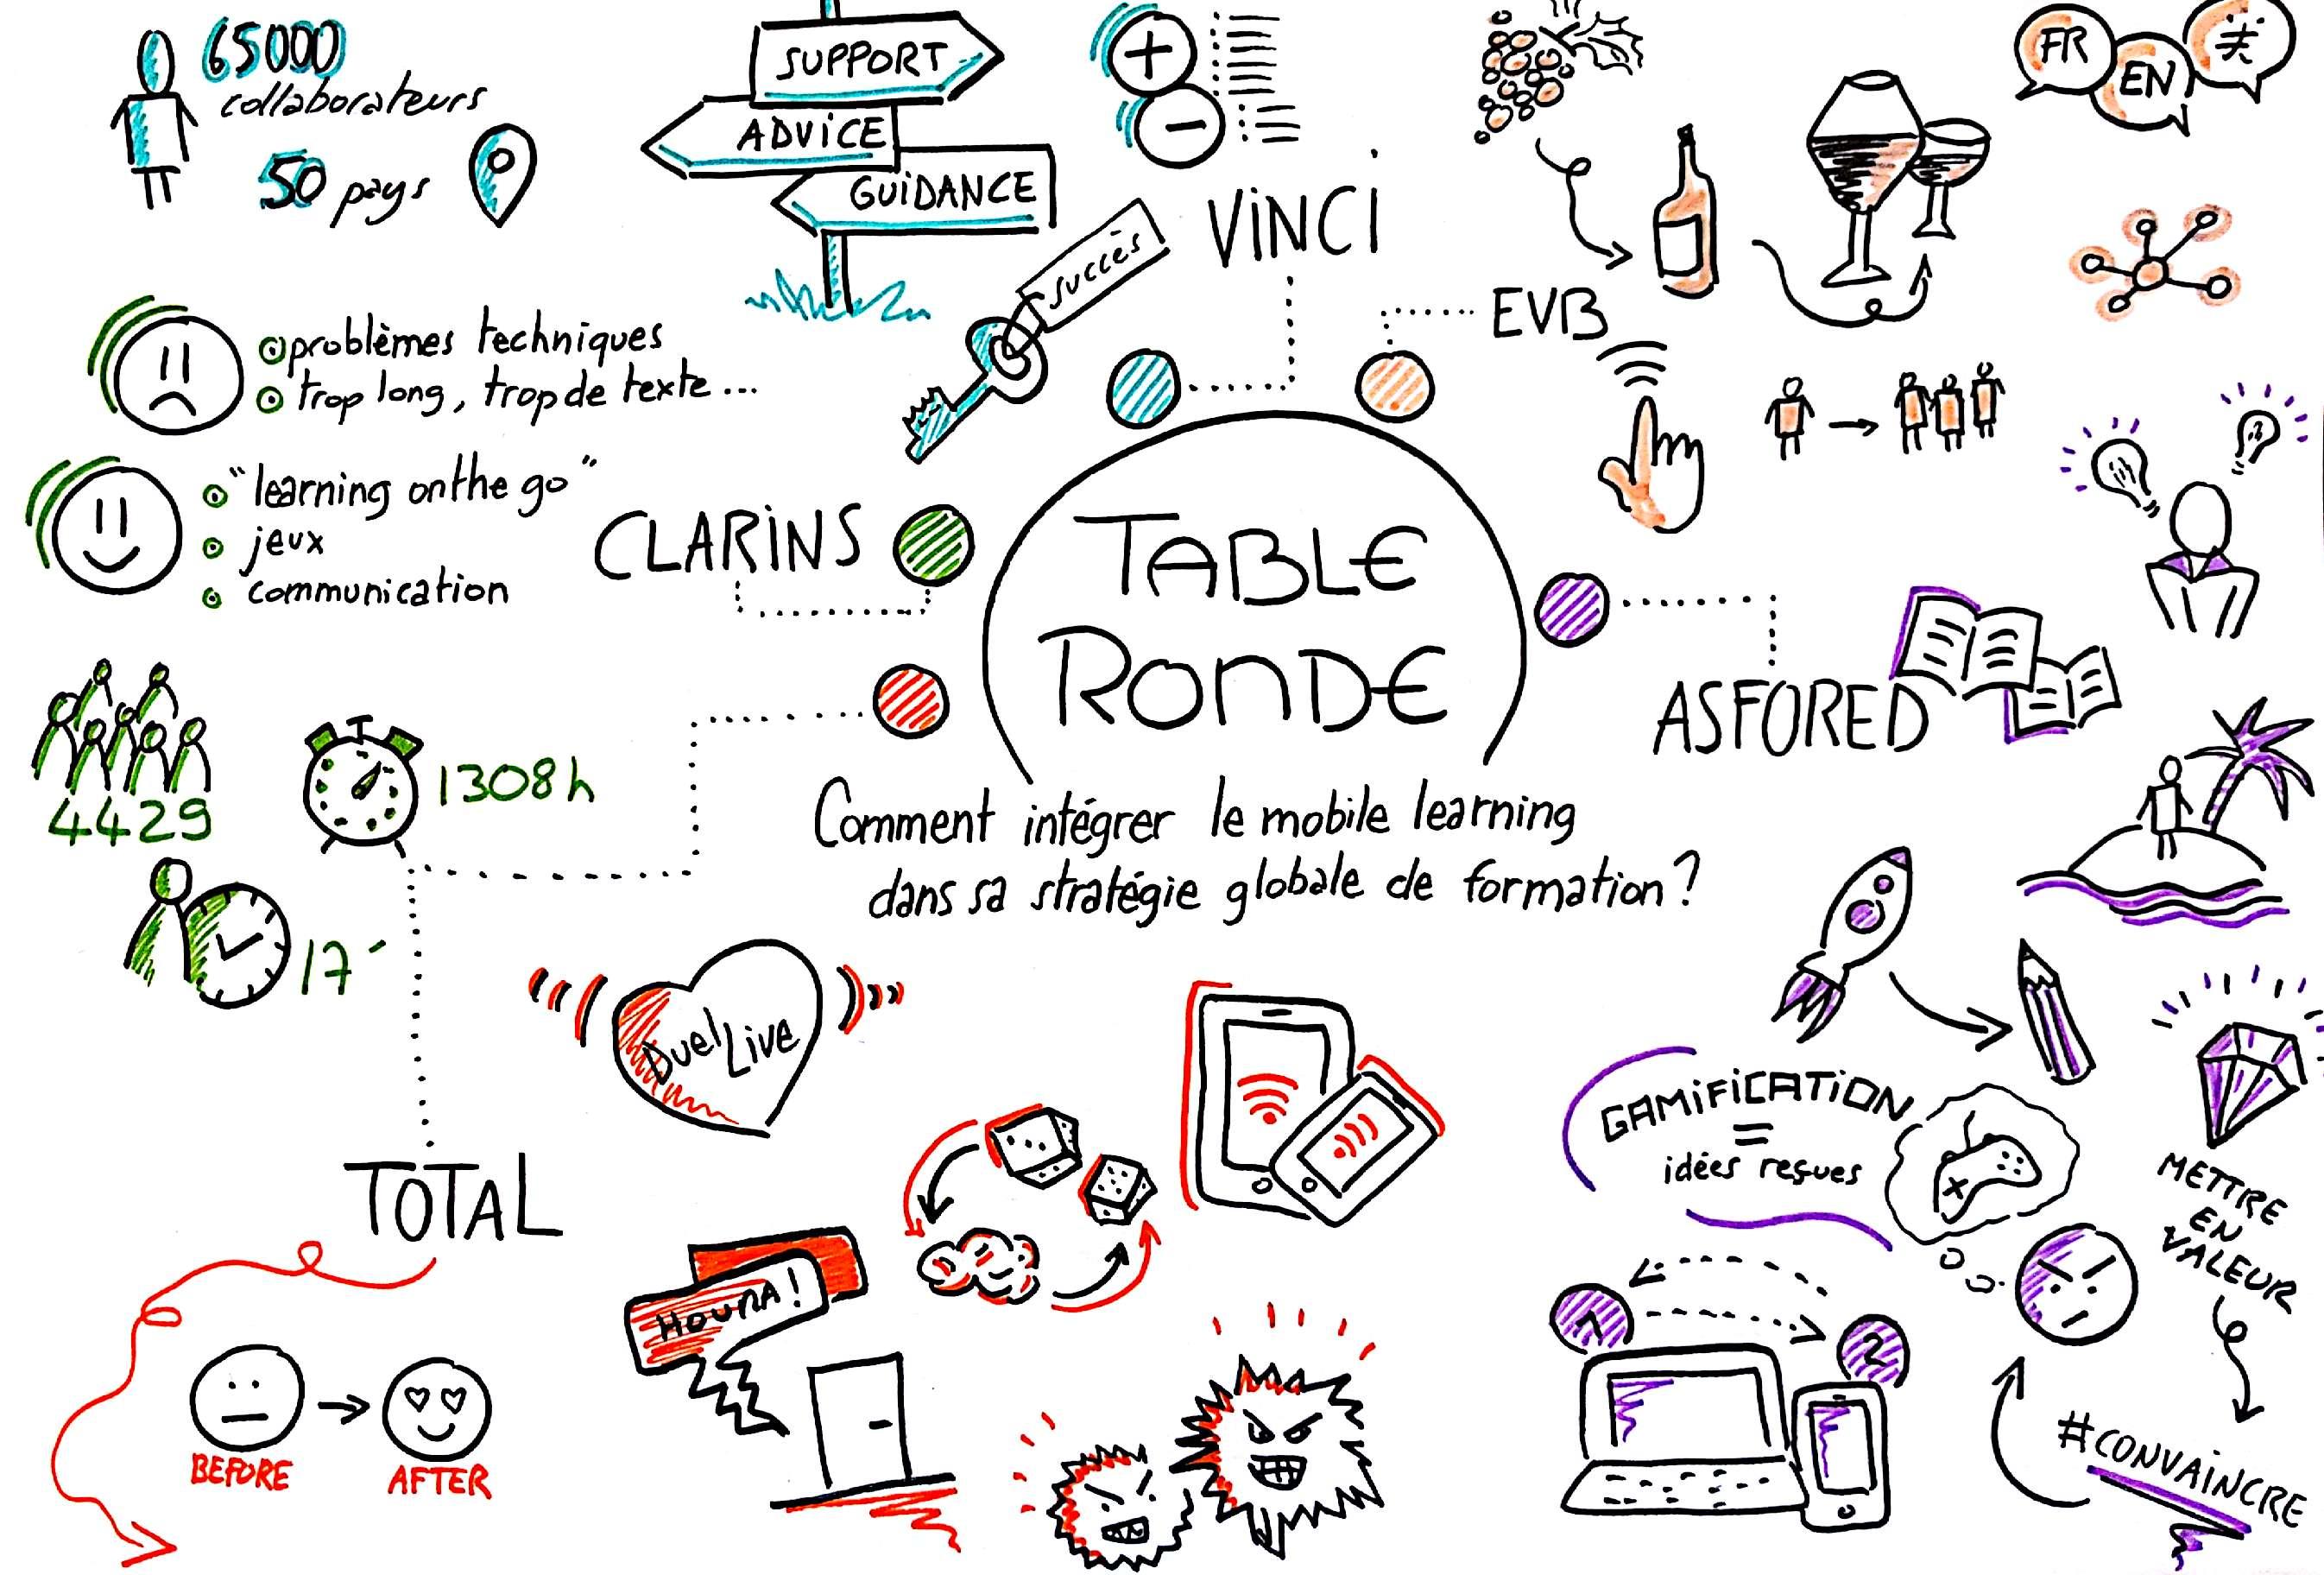 Sketchnote de la Table Ronde, créée par Estelle Routier, DA chez Teach on Mars